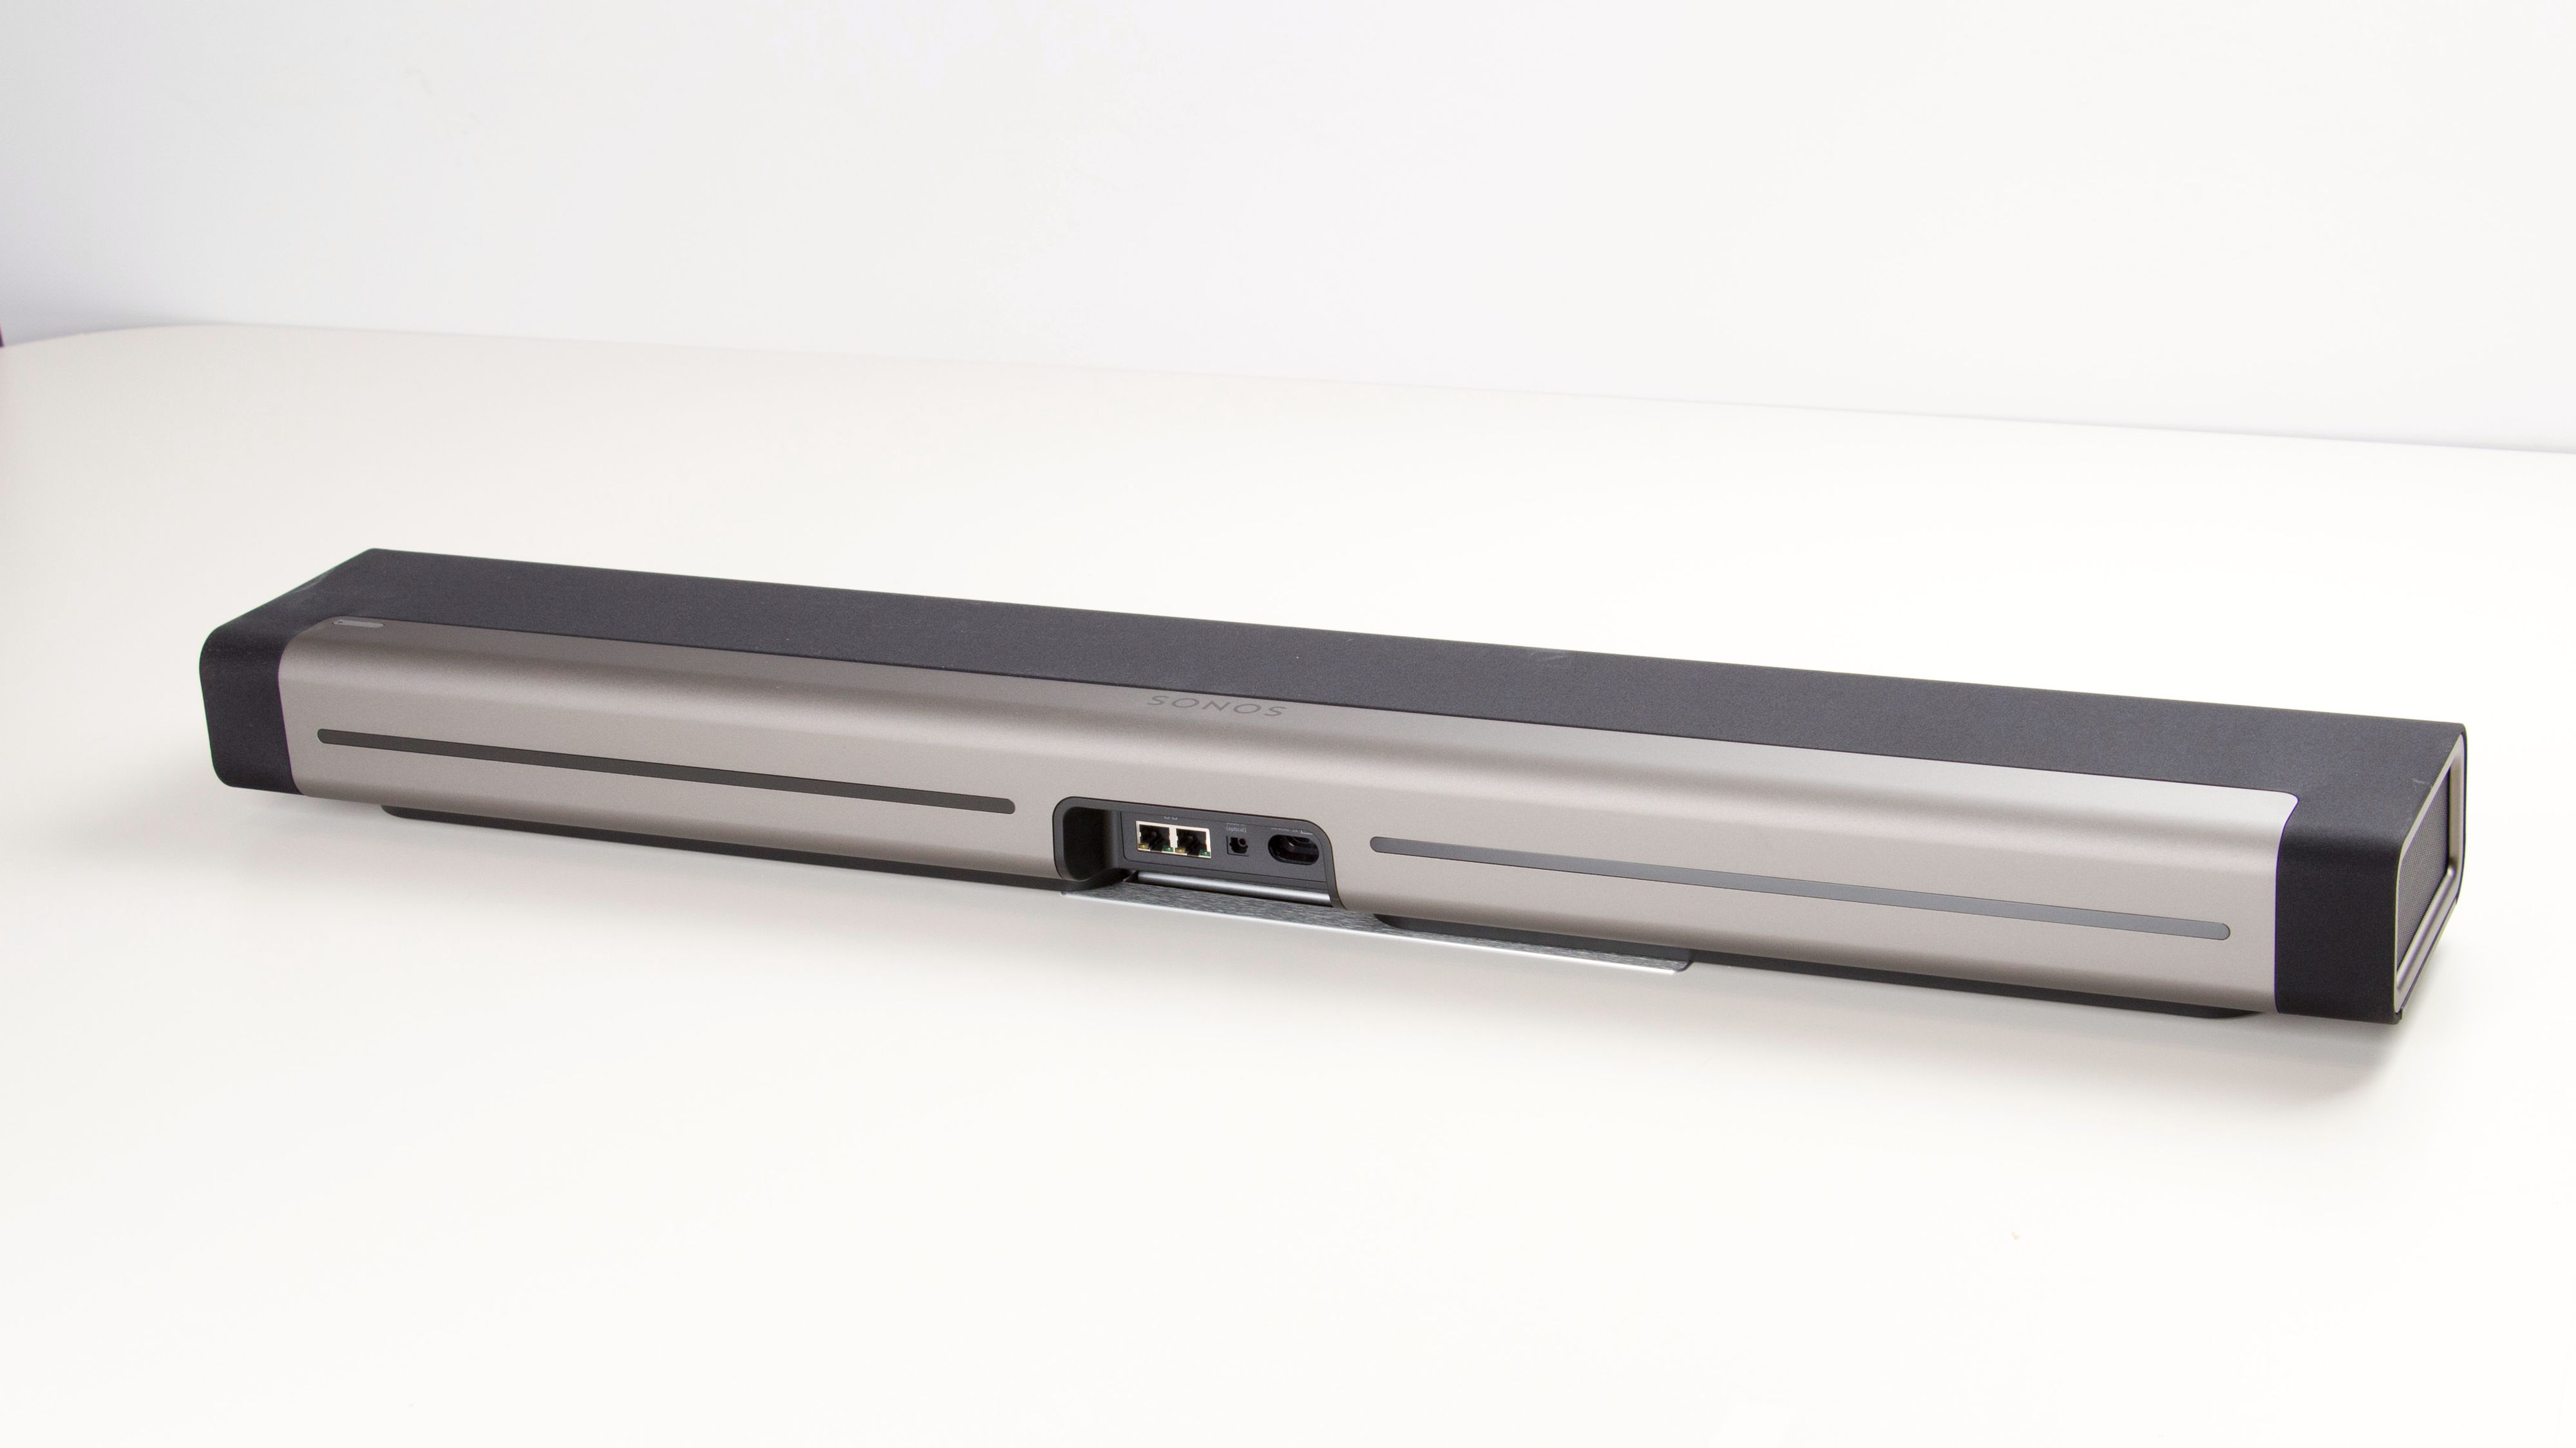 Sonos Playbar bakside